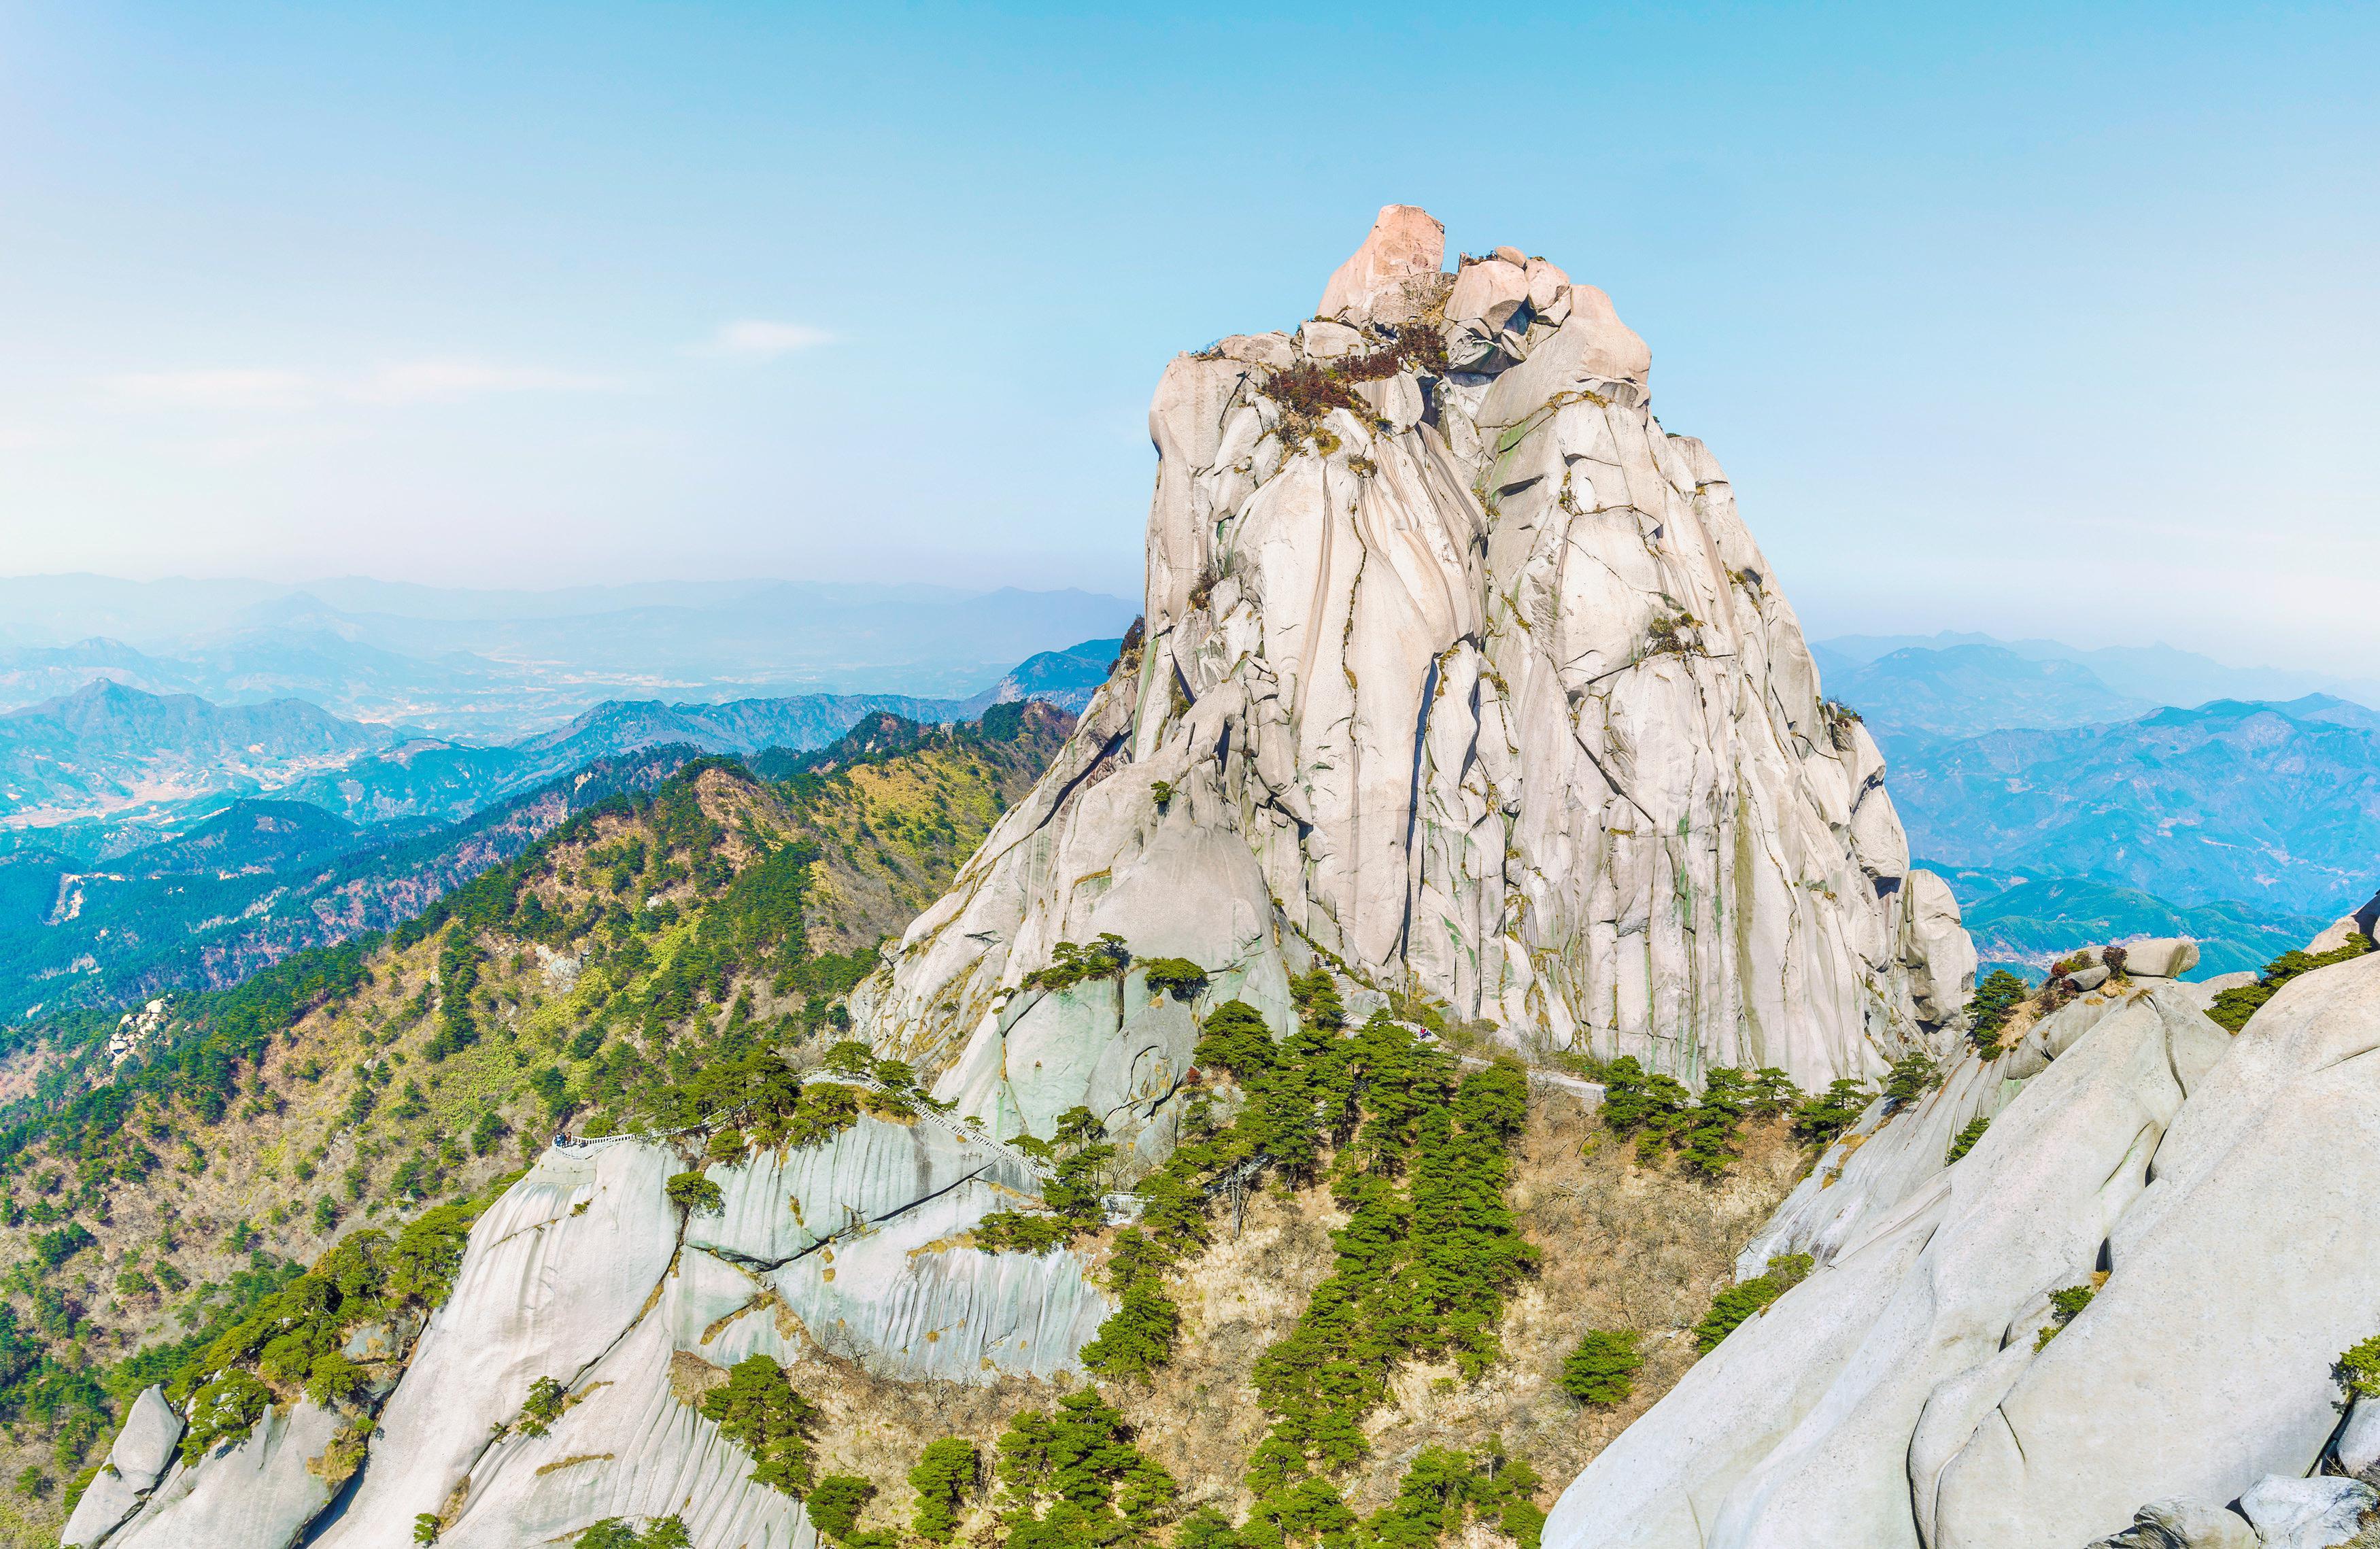 Tianzhu Peak